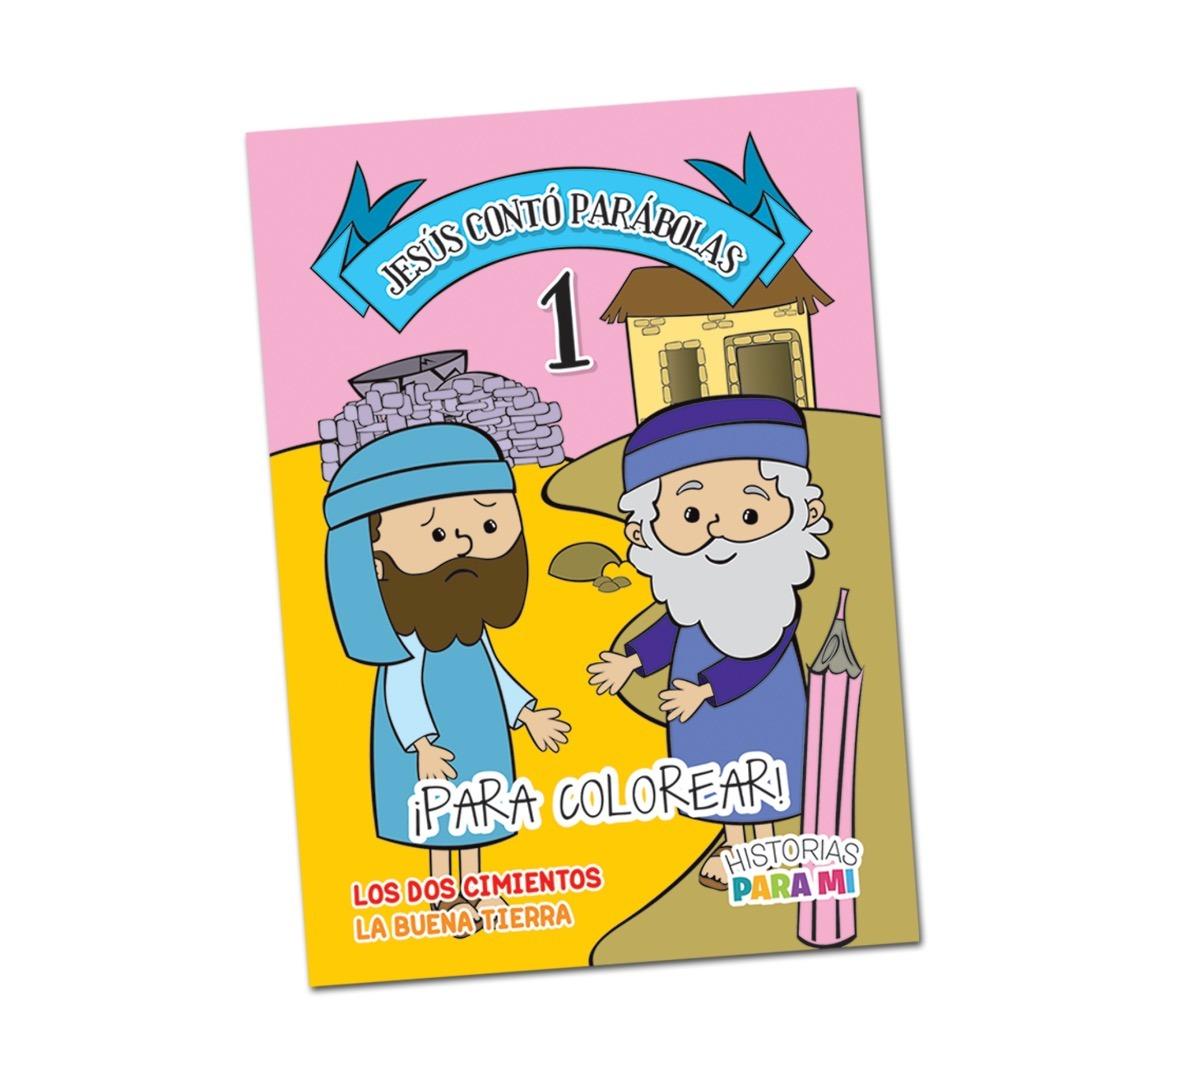 Jesús Contó Parábolas 1 · Para Colorear - $ 89,00 en Mercado Libre